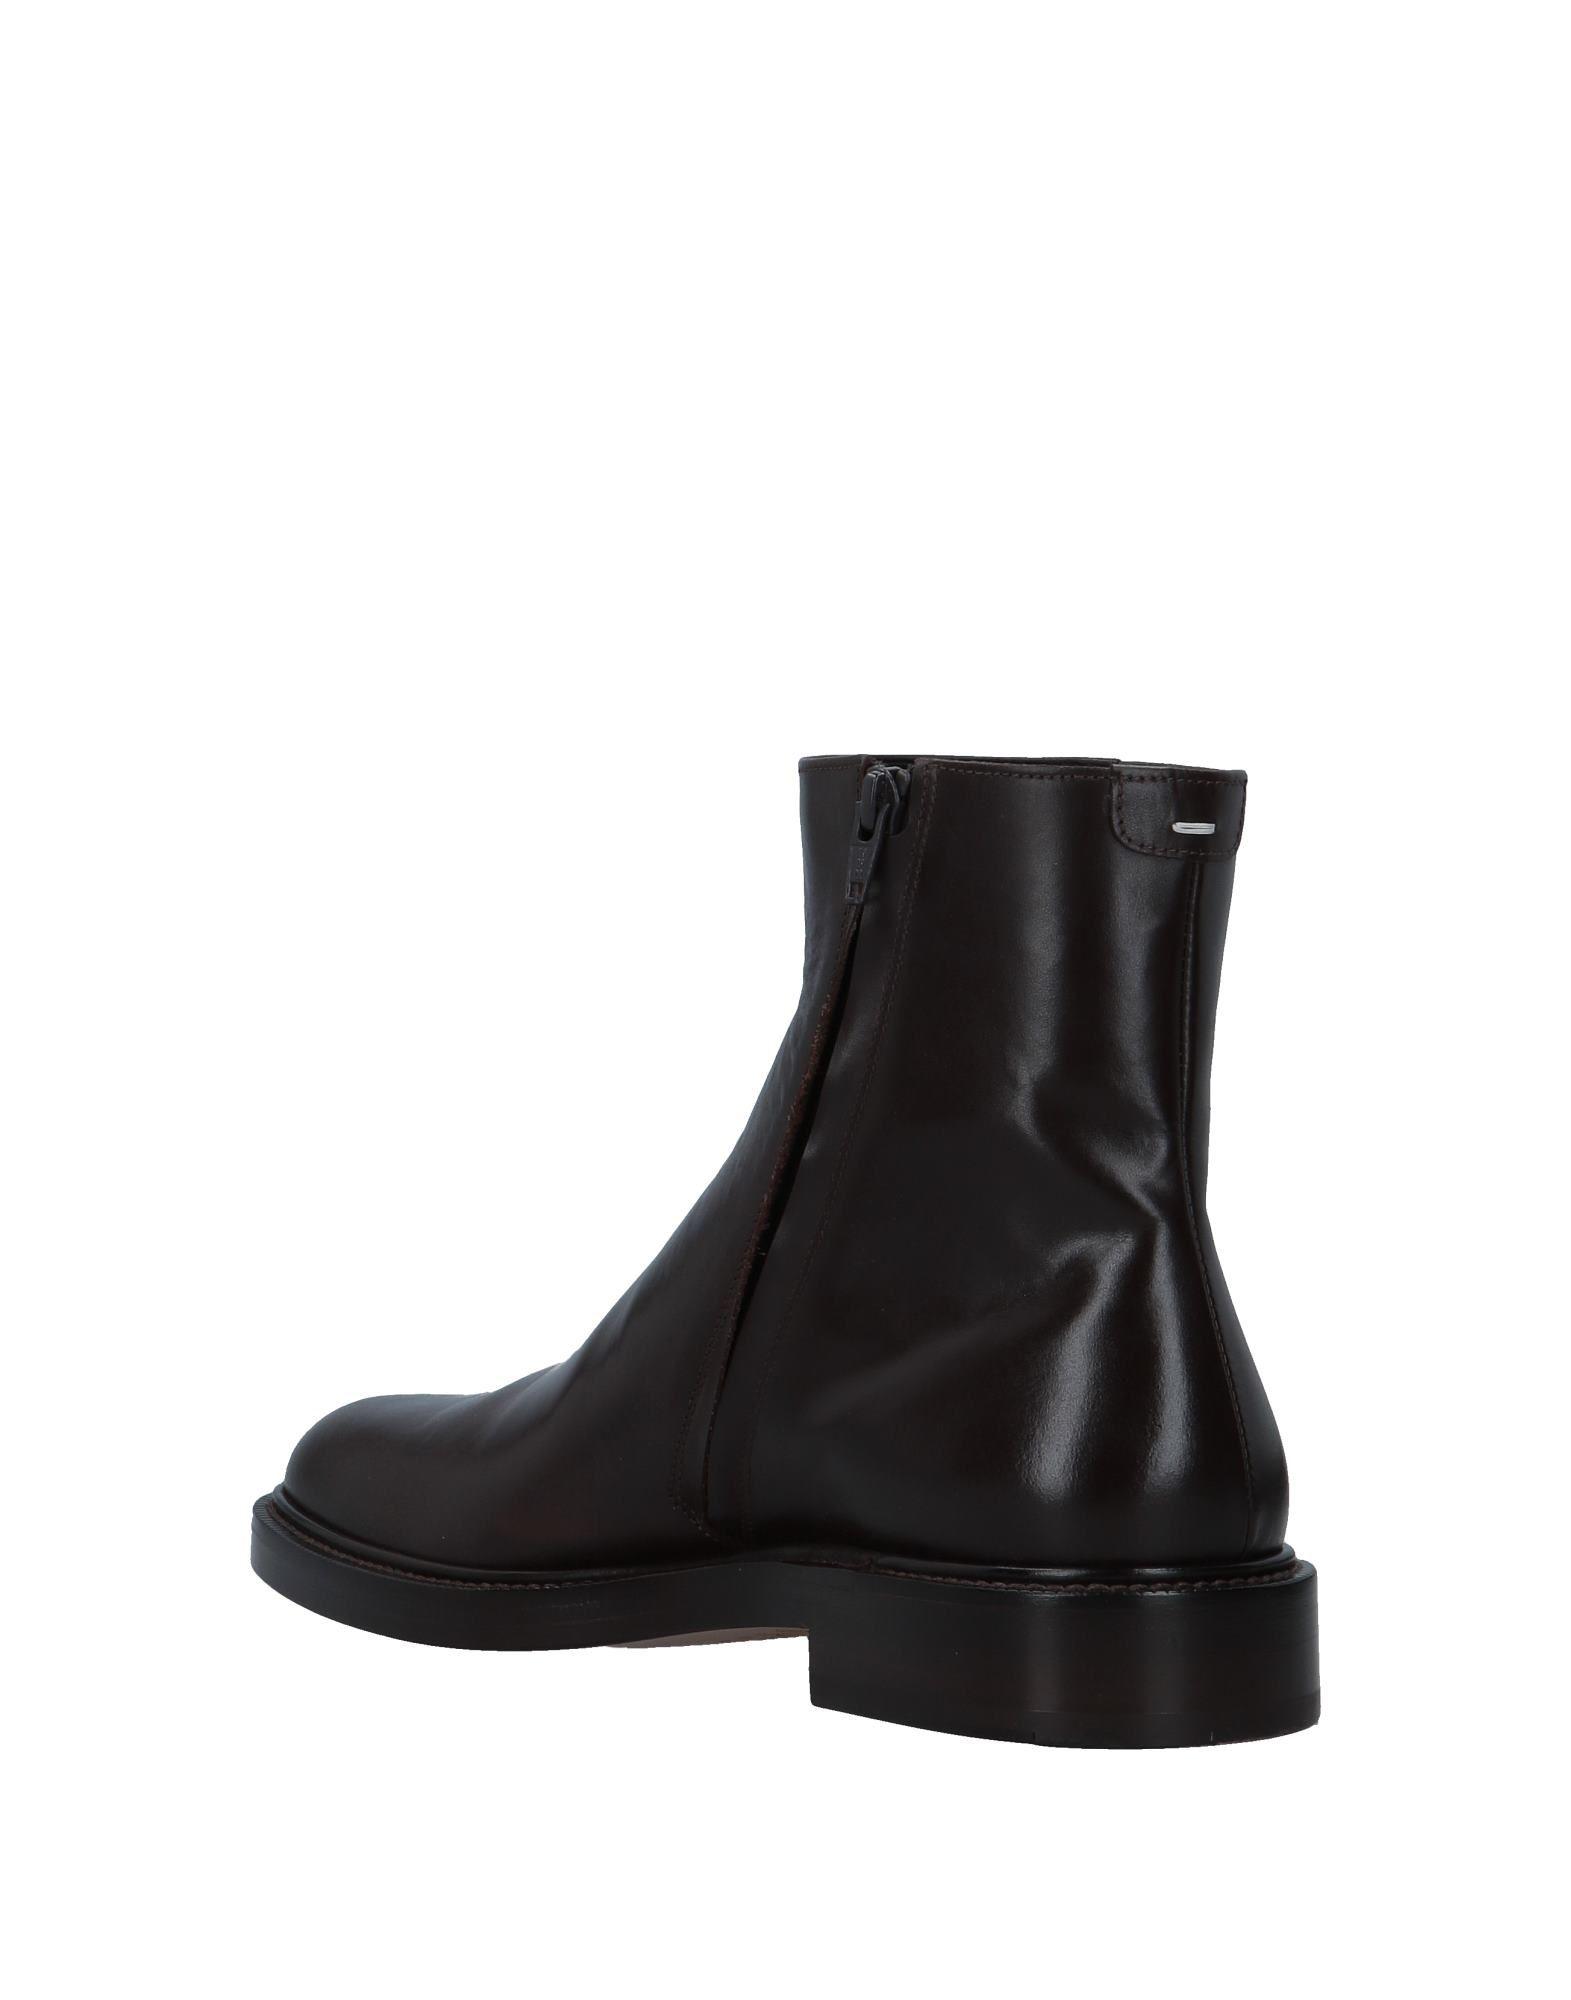 Maison Margiela Gute Stiefelette Herren  11535566DT Gute Margiela Qualität beliebte Schuhe 8495fa